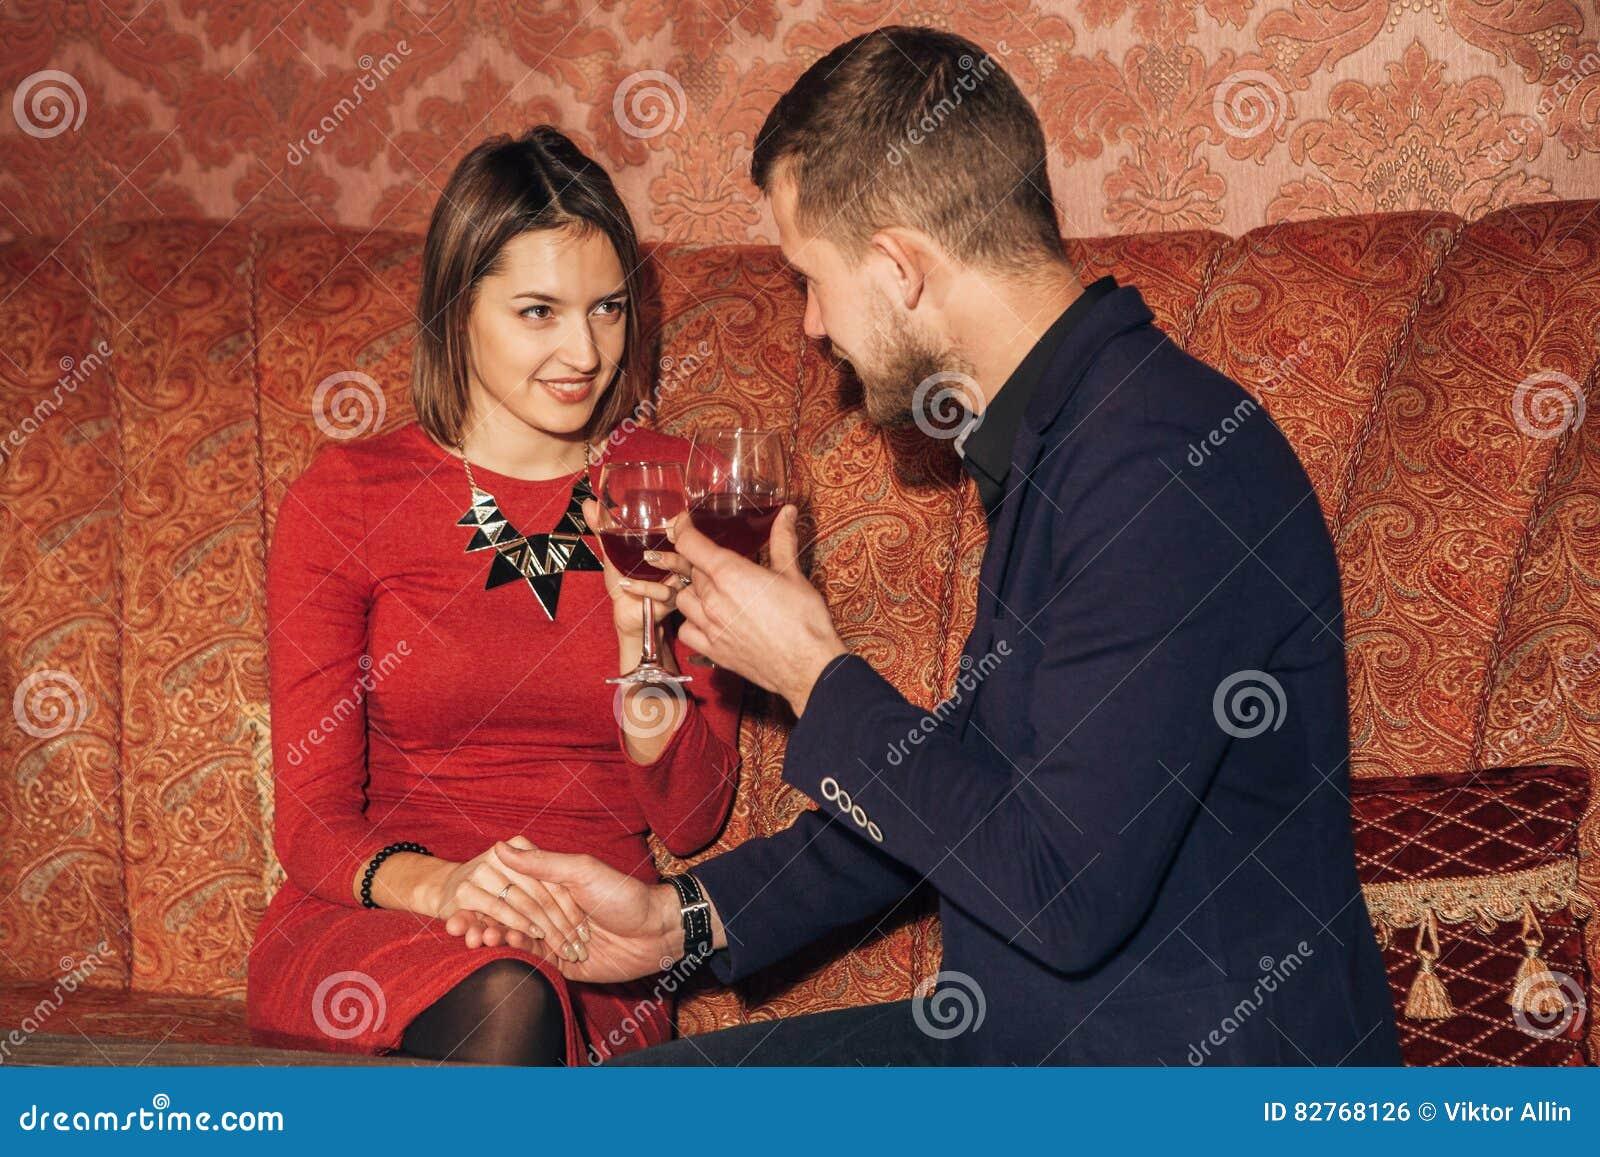 Mit einem mädchen flirten